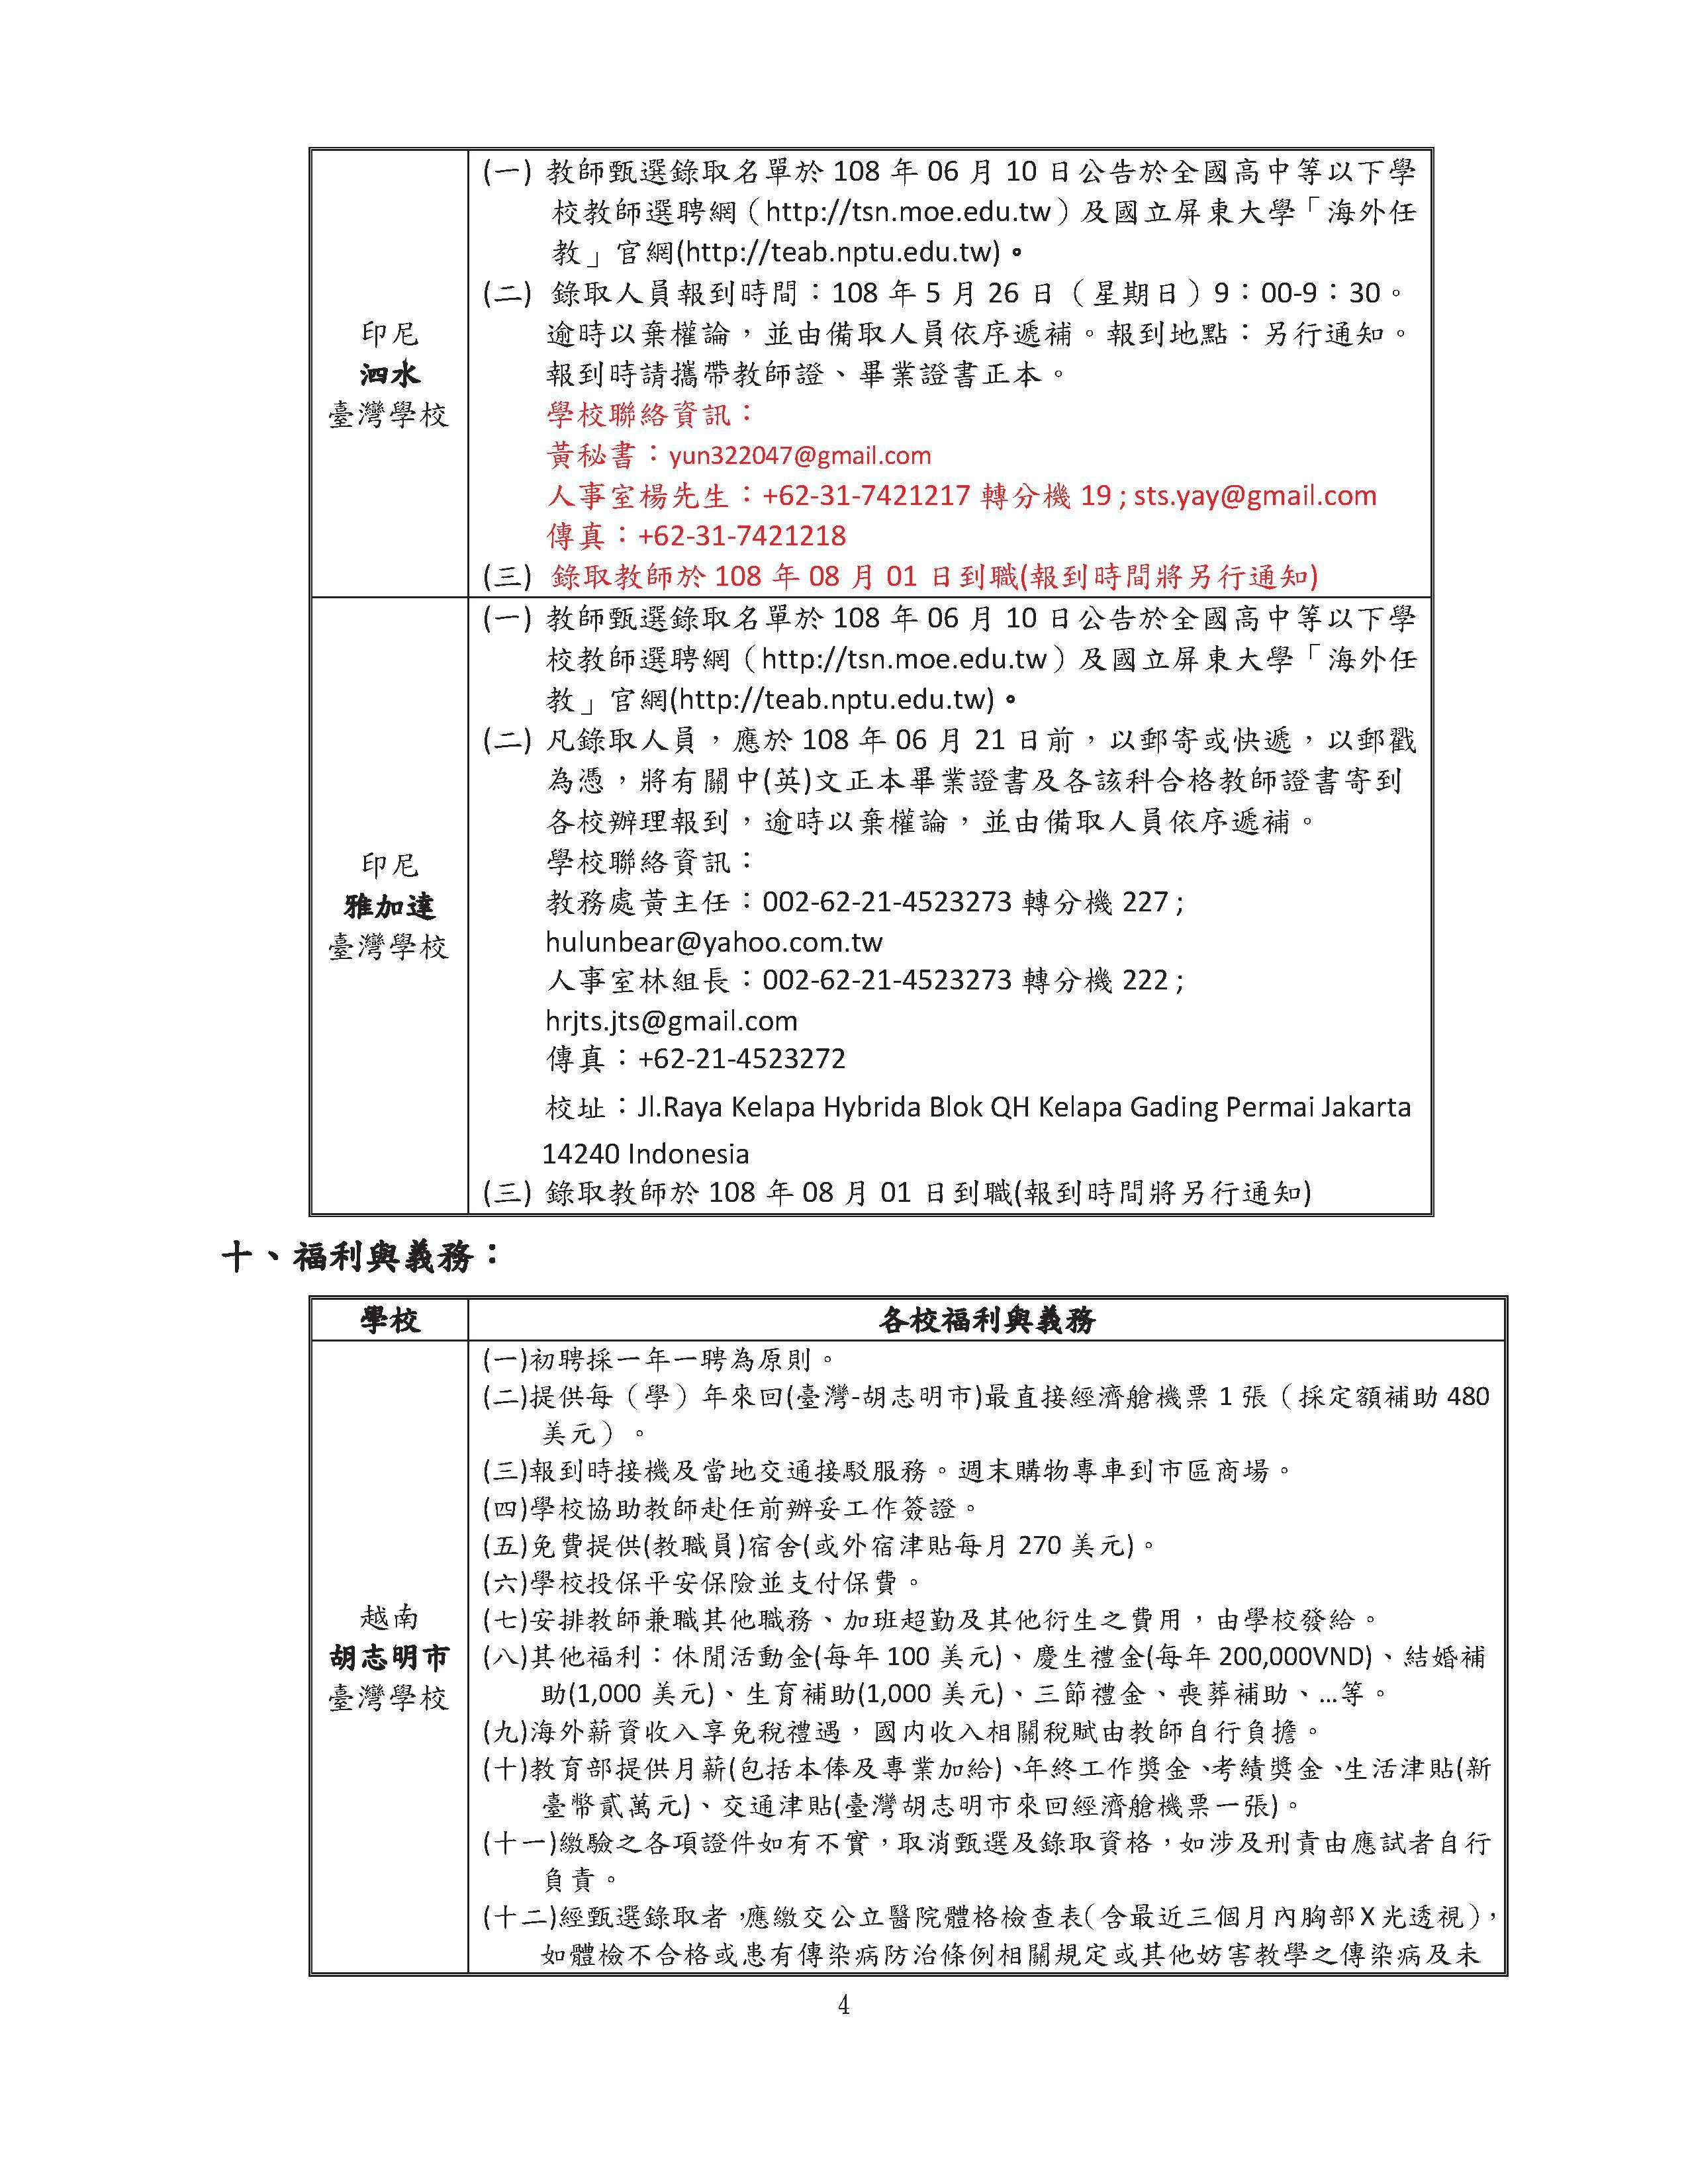 (公告版)108學年徴聘教師甄選簡章(四所臺校聯合招聘).pdf0003